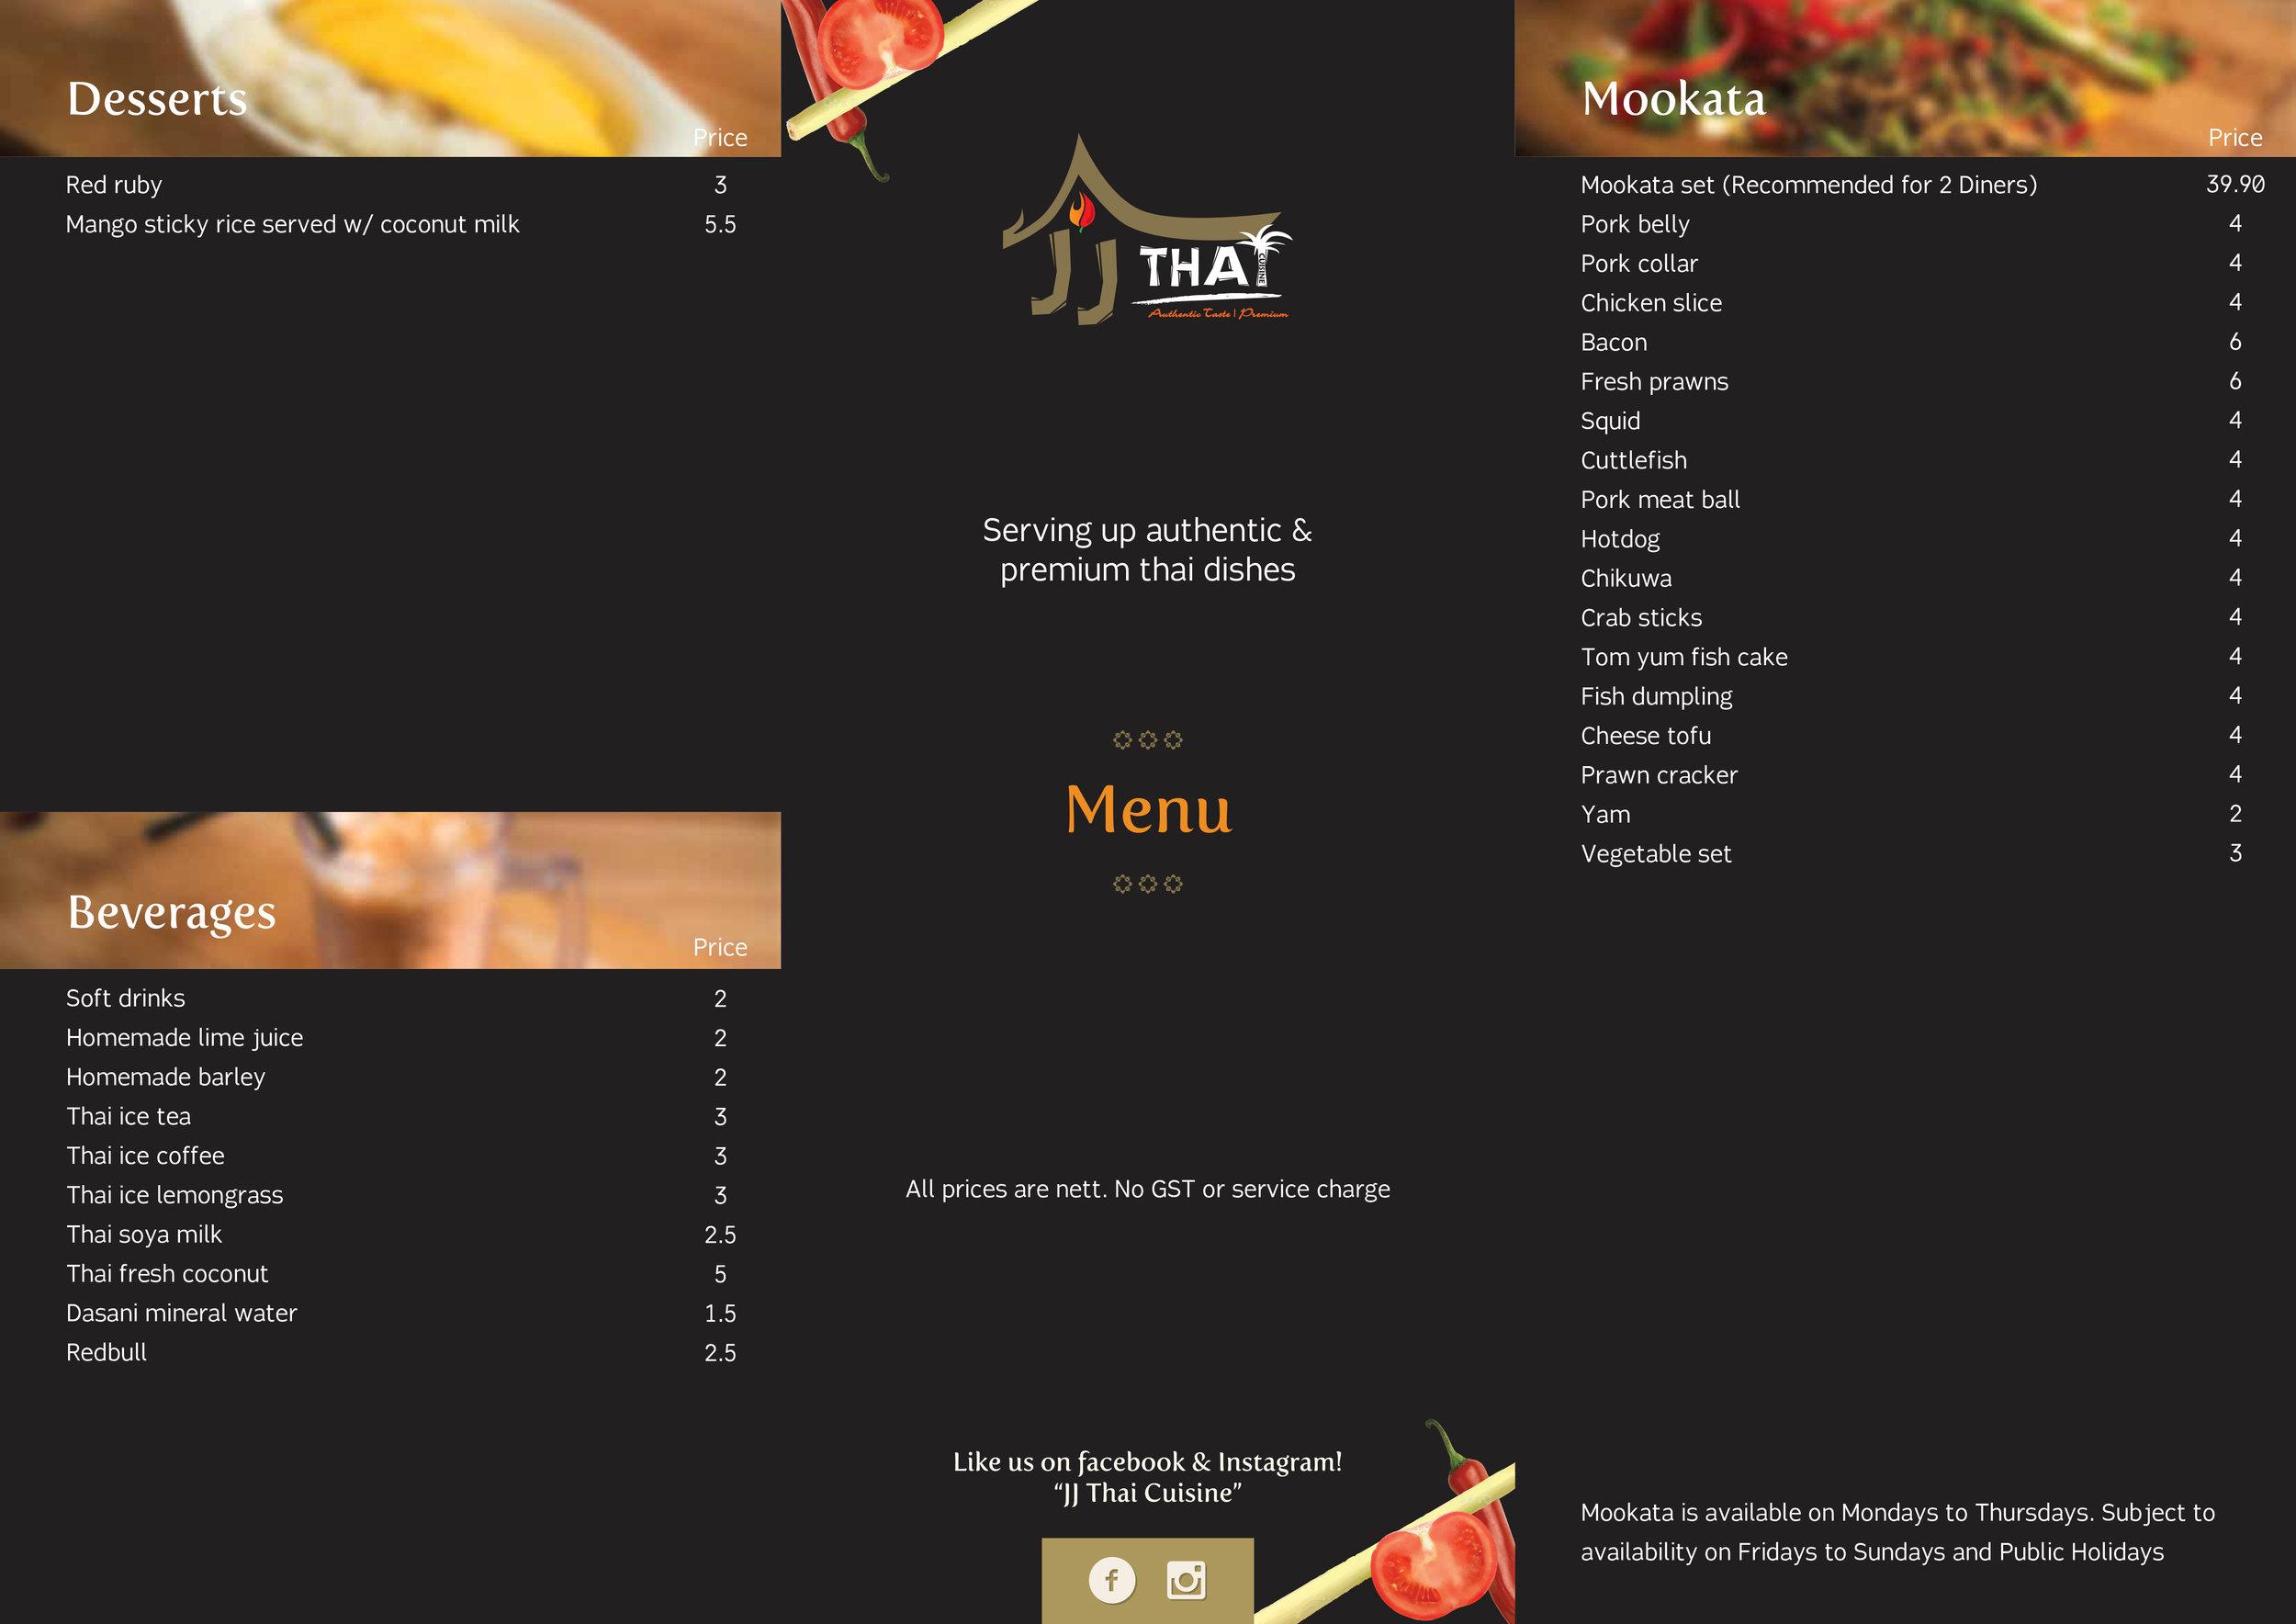 jjthai-menu-1.jpg